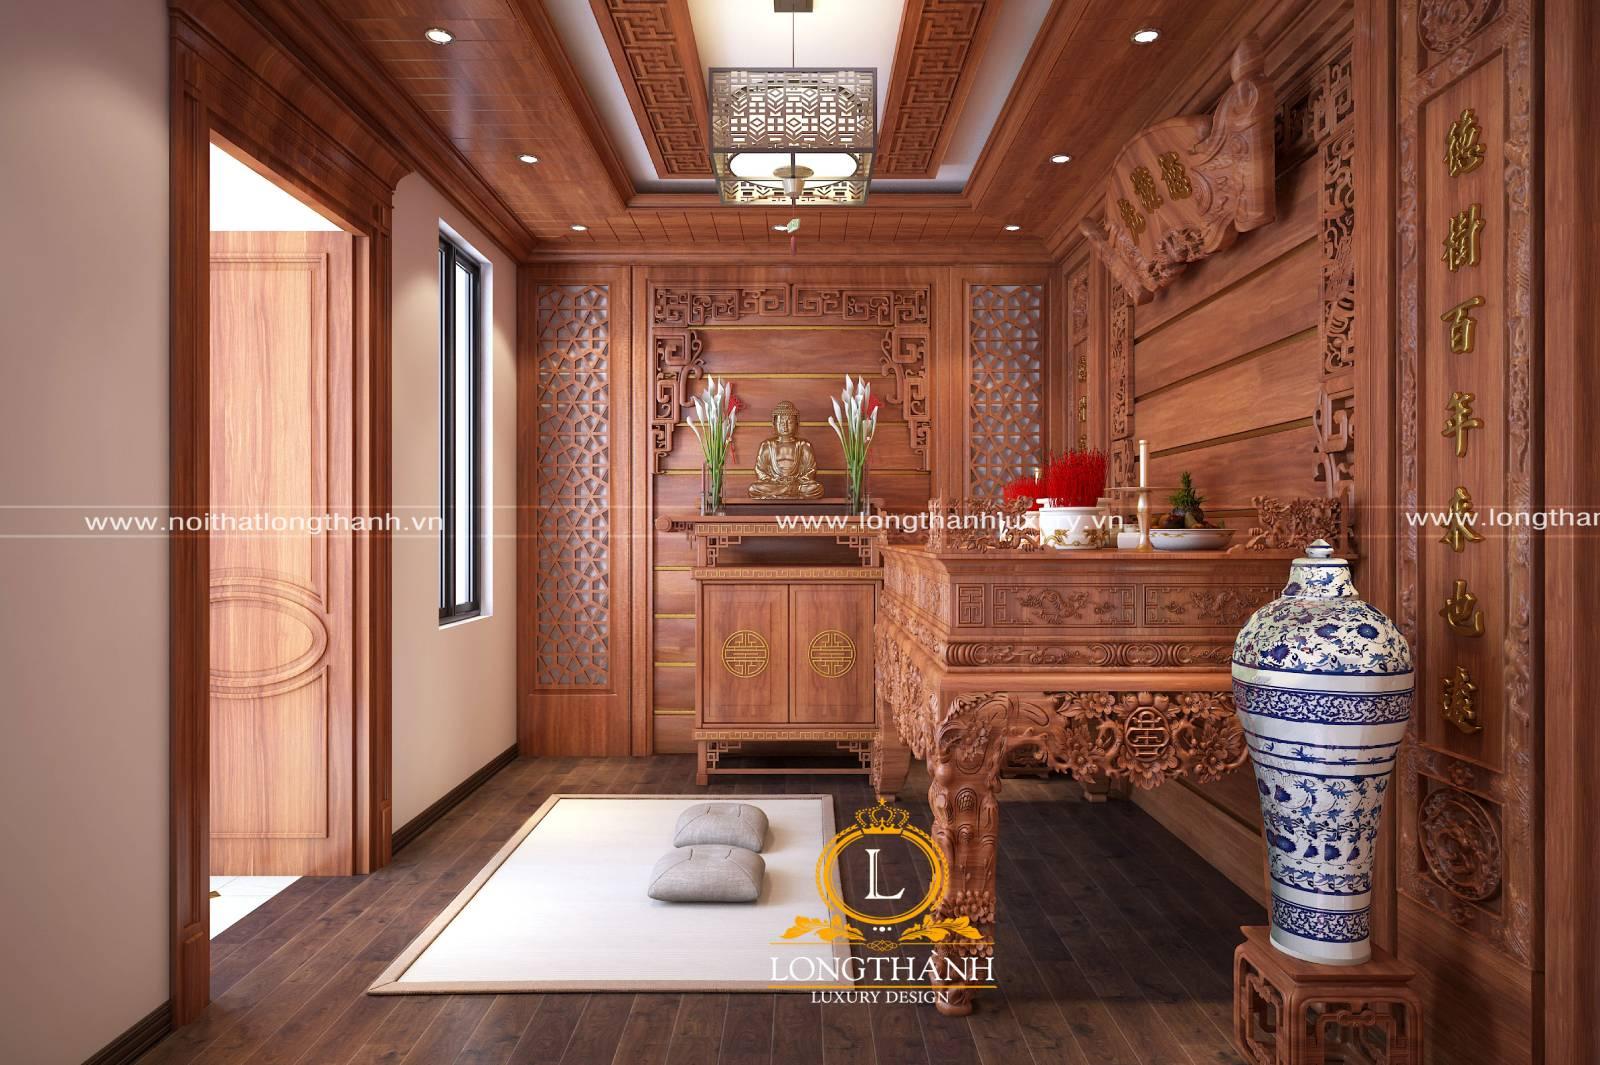 Thiết kế nội thất phòng thờ nhà biệt thự phong cách tân cổ điển sang trọng